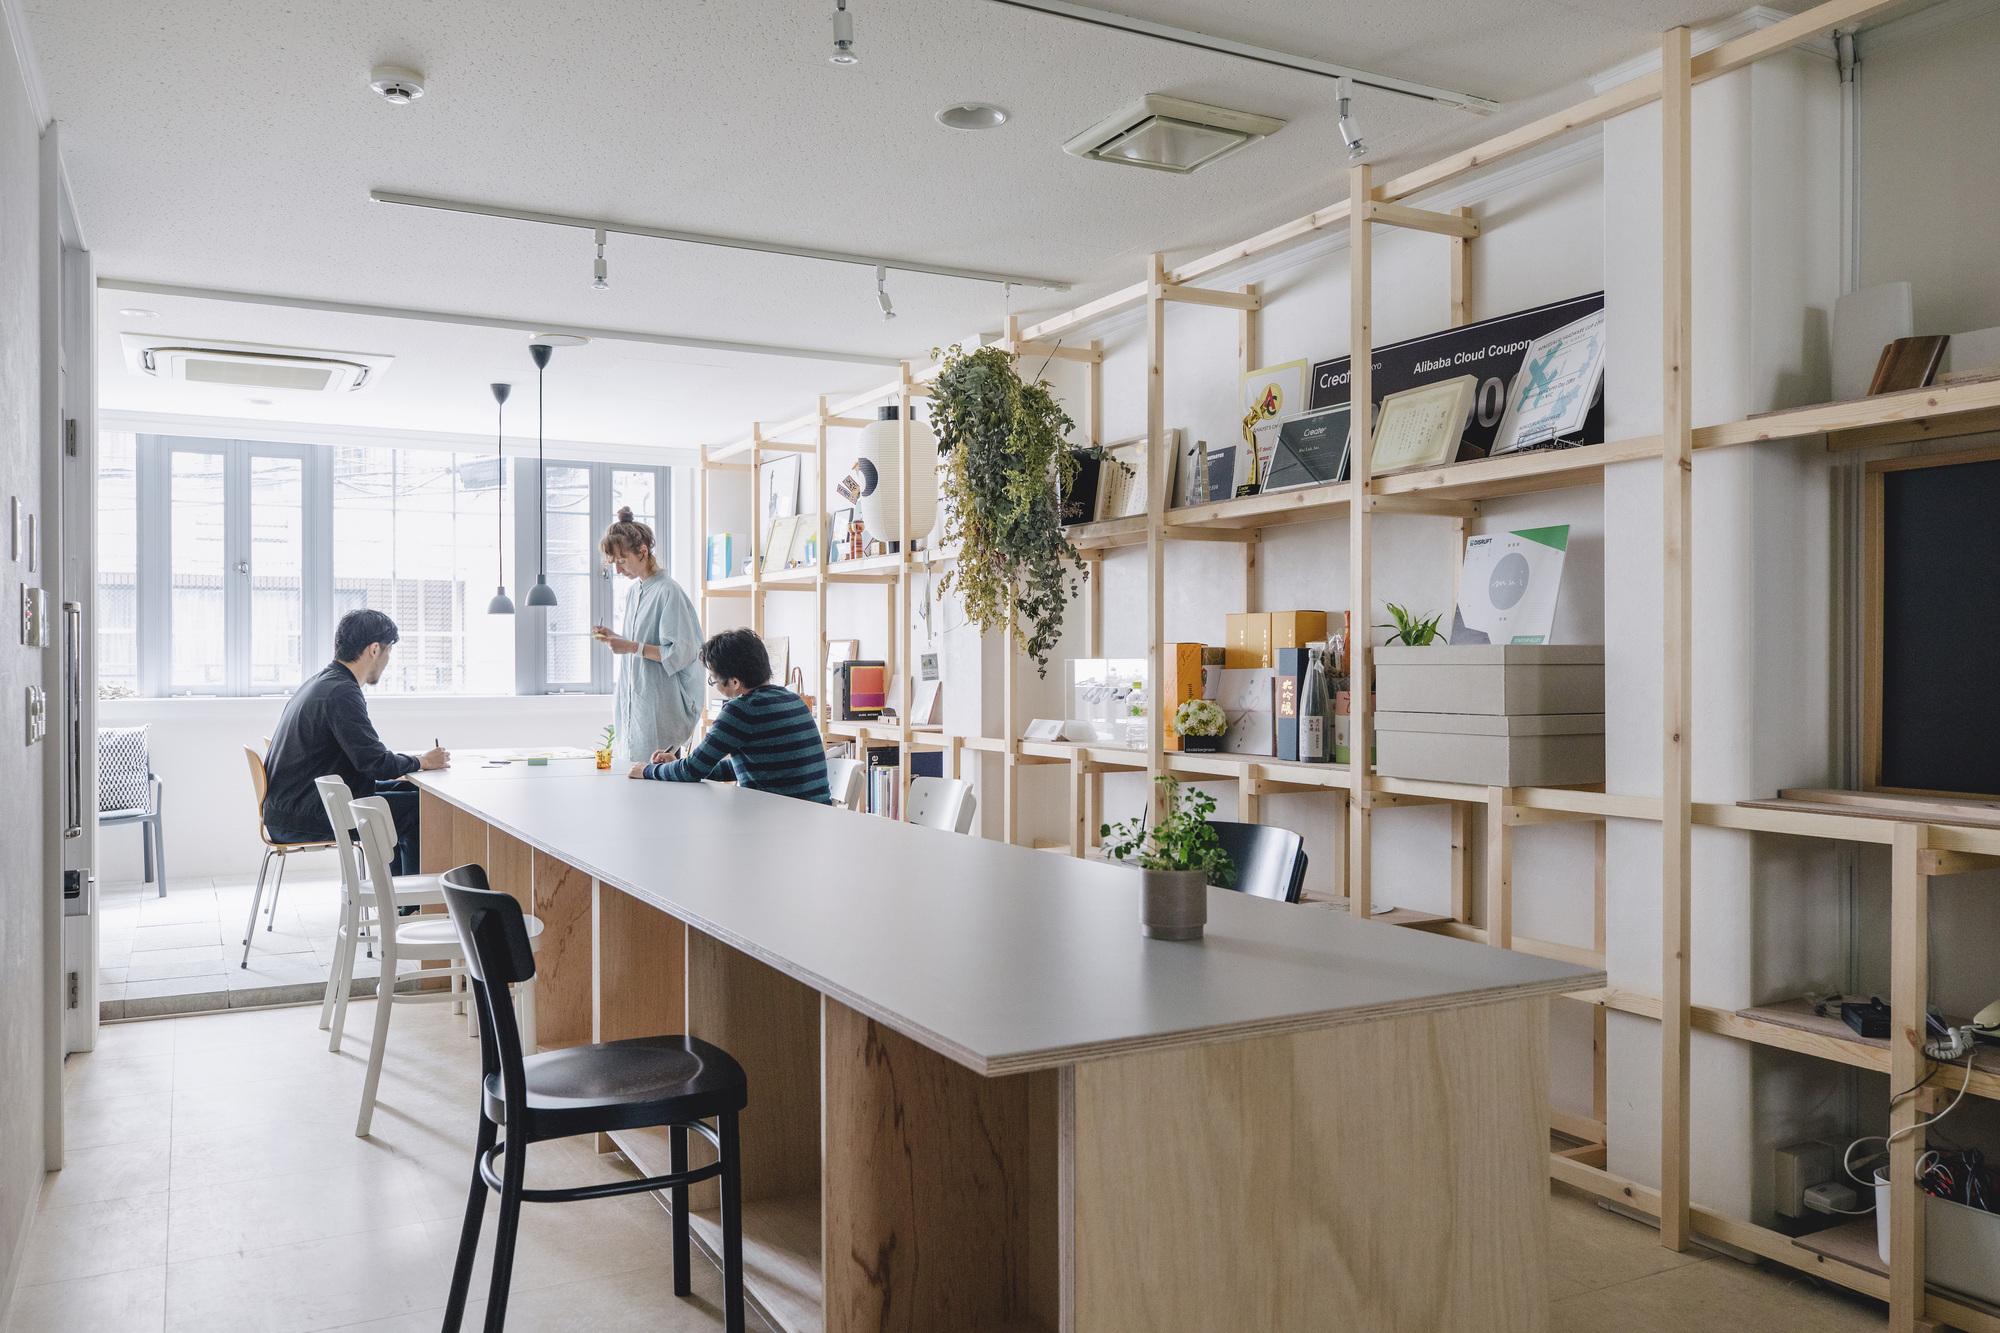 Office mui Lab / tamotsu ito architecture office